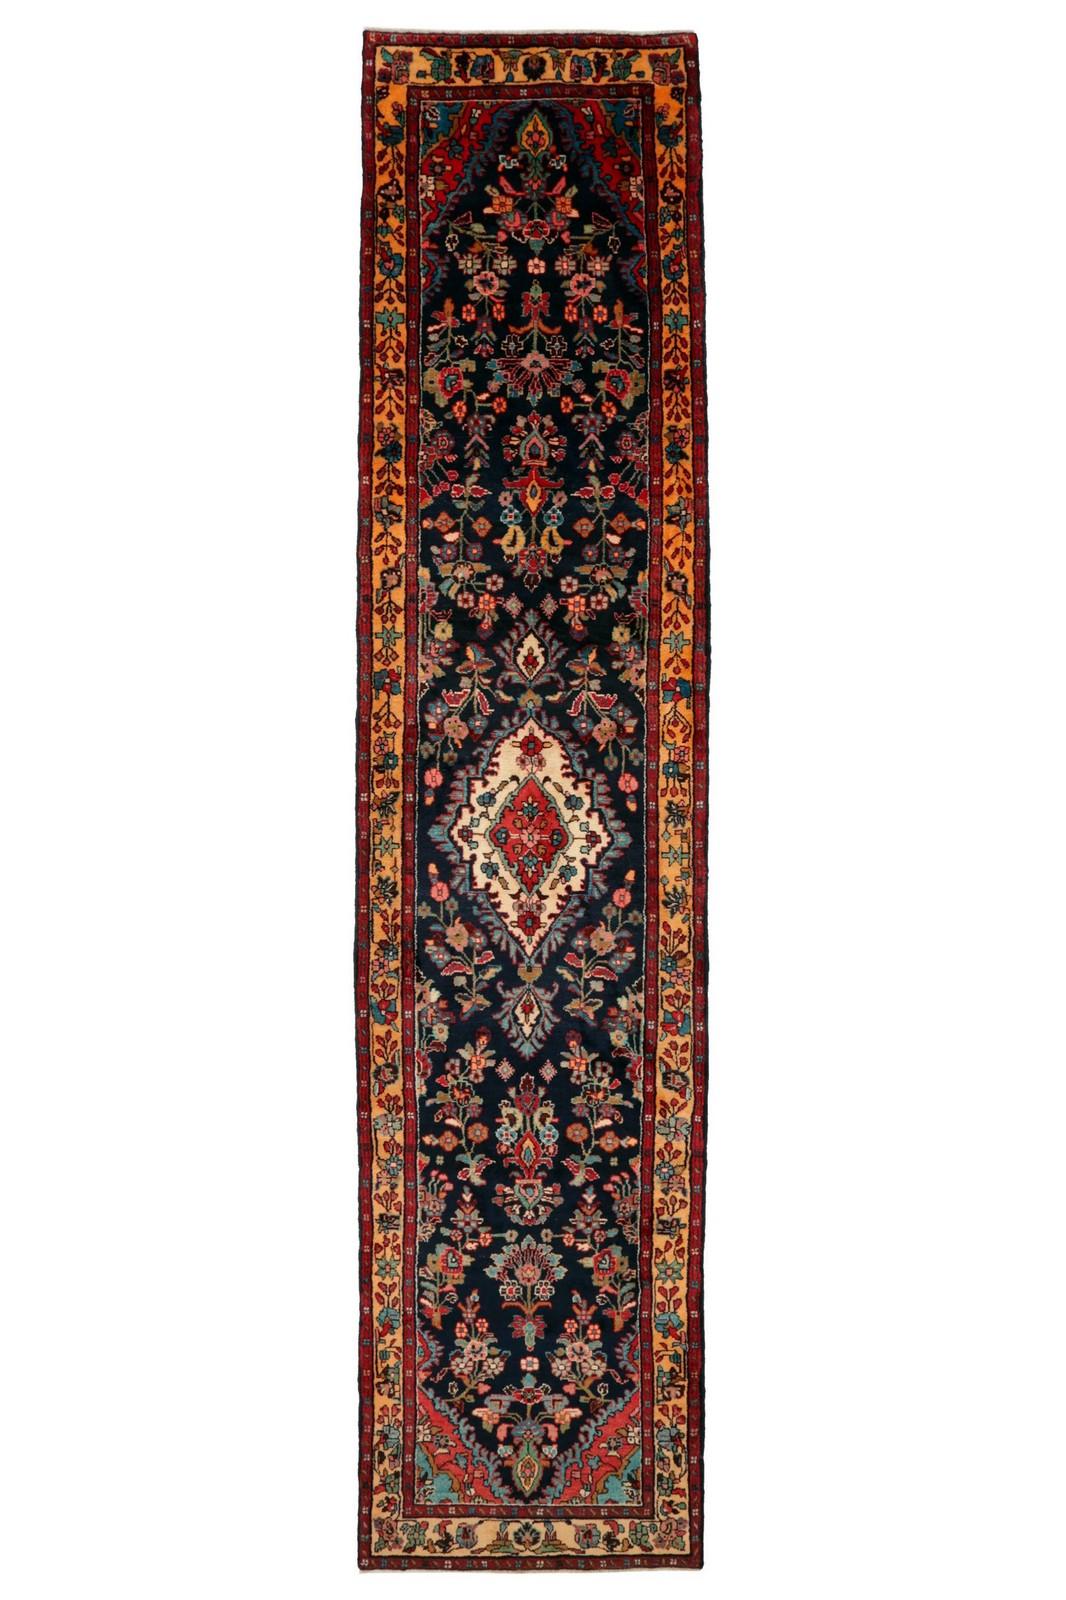 Persisk Kabotar Ahang løber, 430 x 91 cm - Persisk Kabotar Ahang løber, vest Persien. Uld på bomuld. 430 x 91 cm